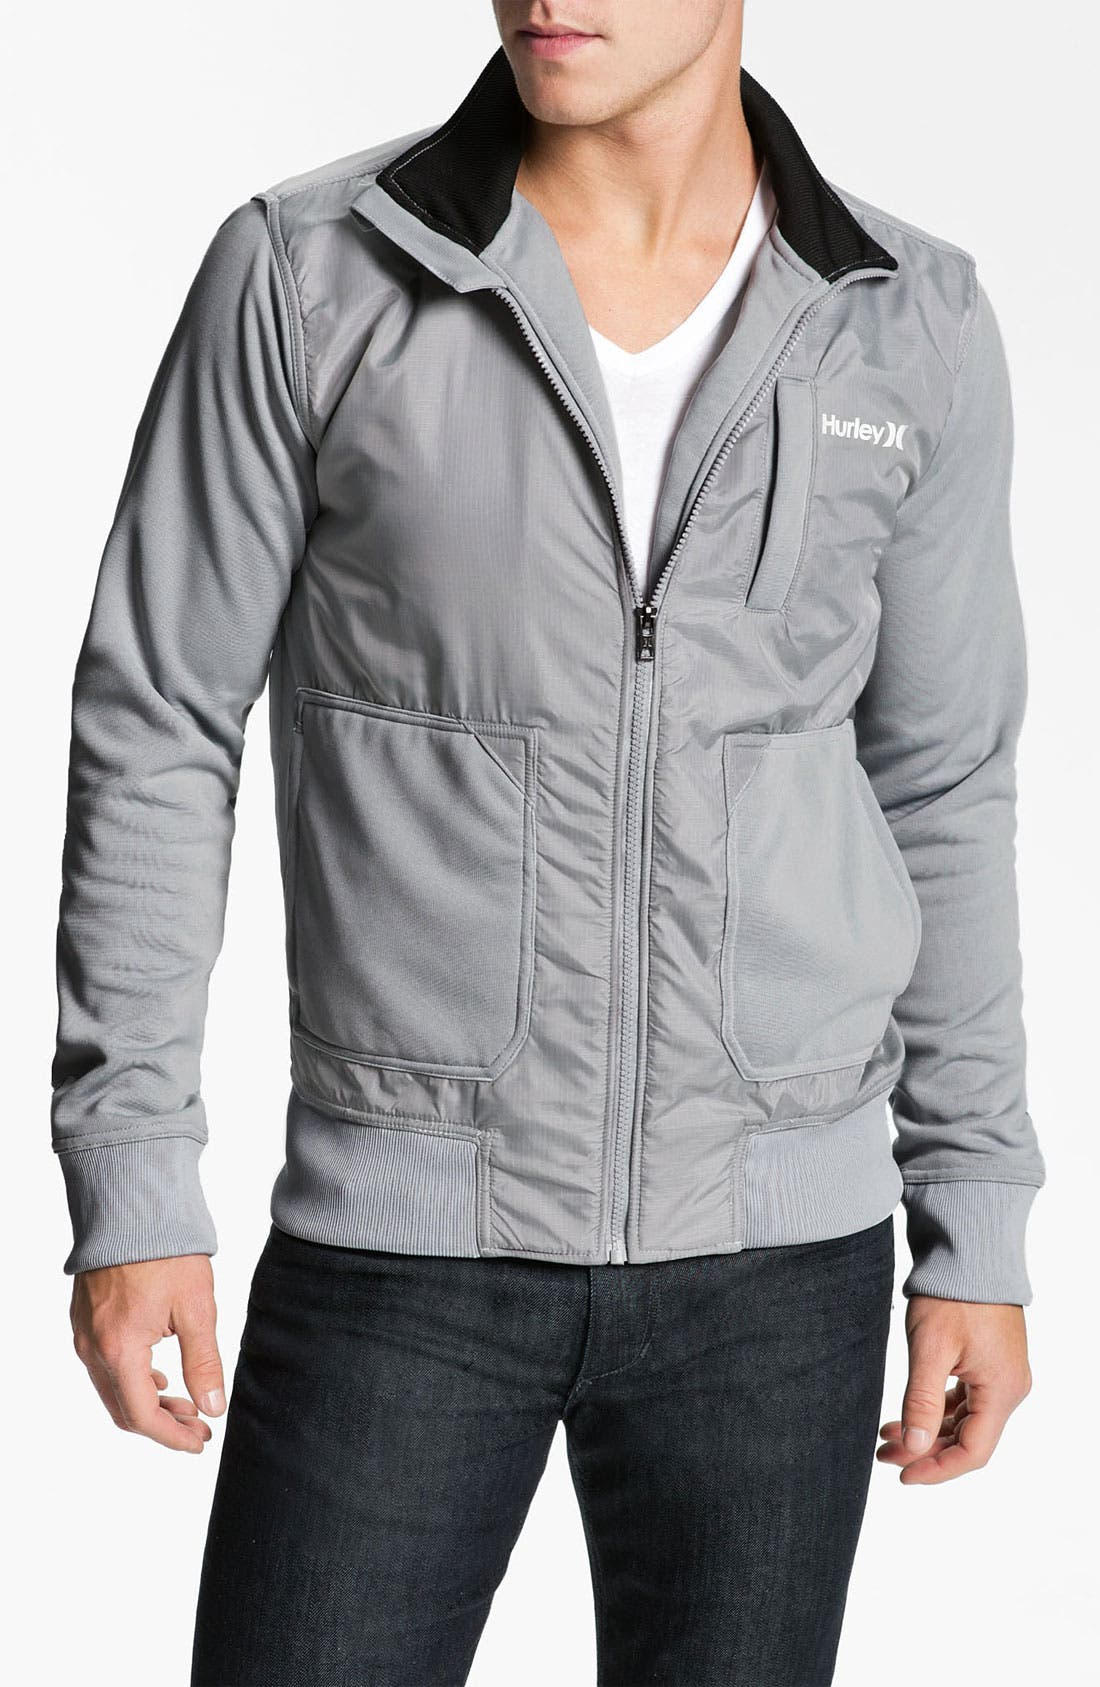 Main Image - Hurley 'Attitude' Track Jacket